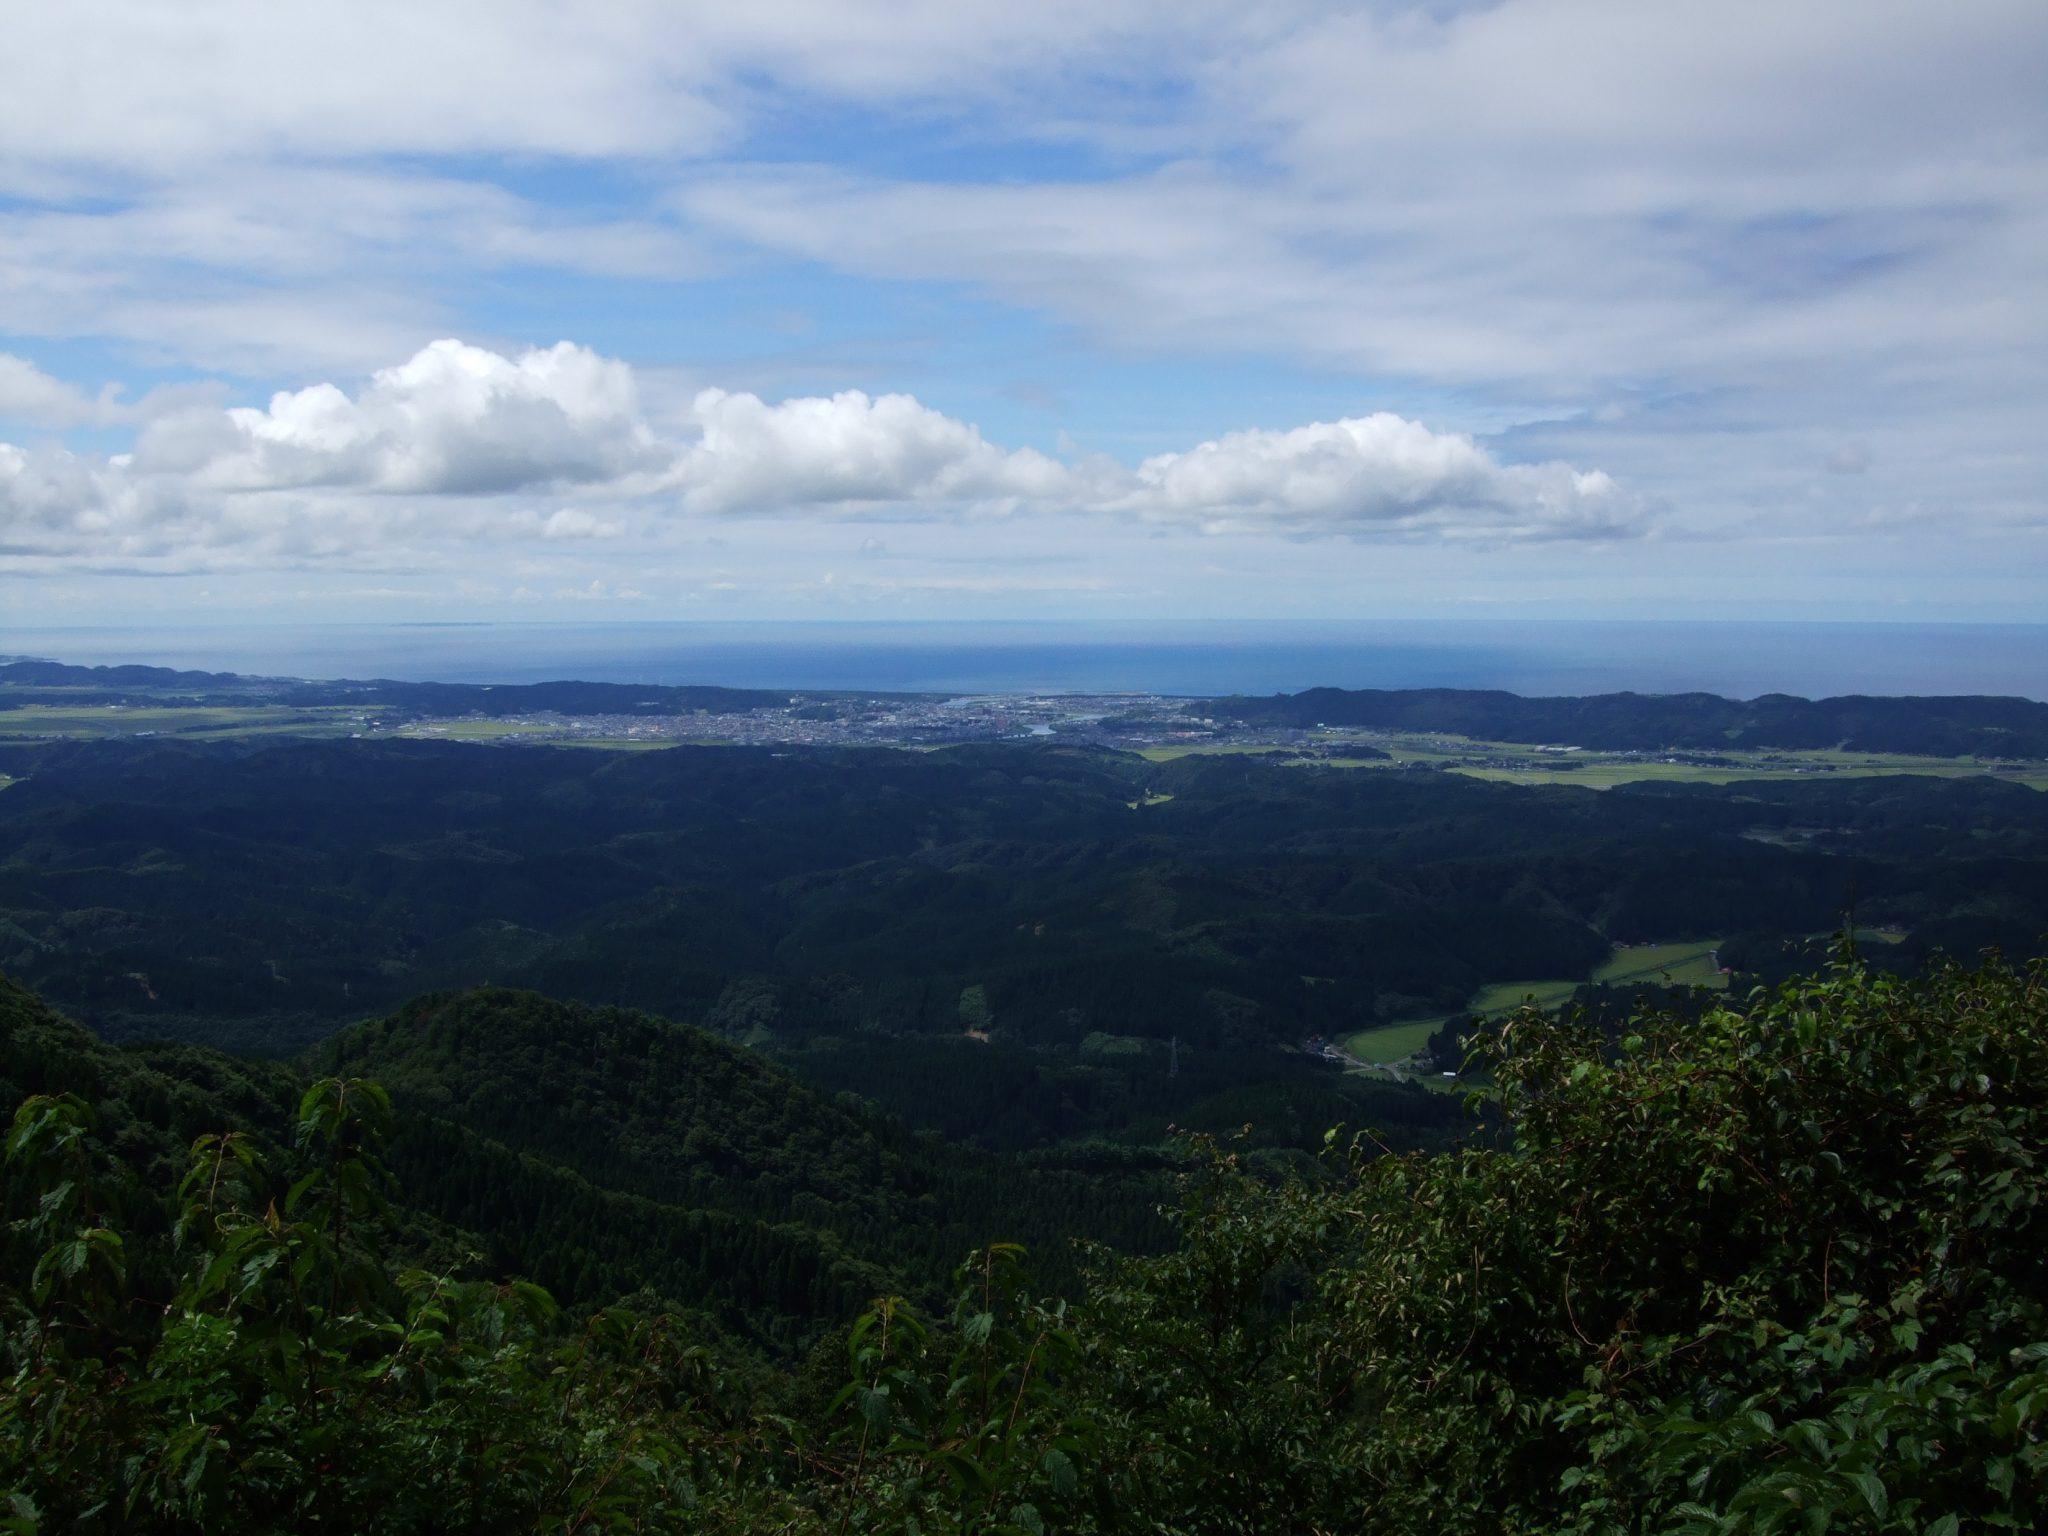 東光山山頂からの眺め